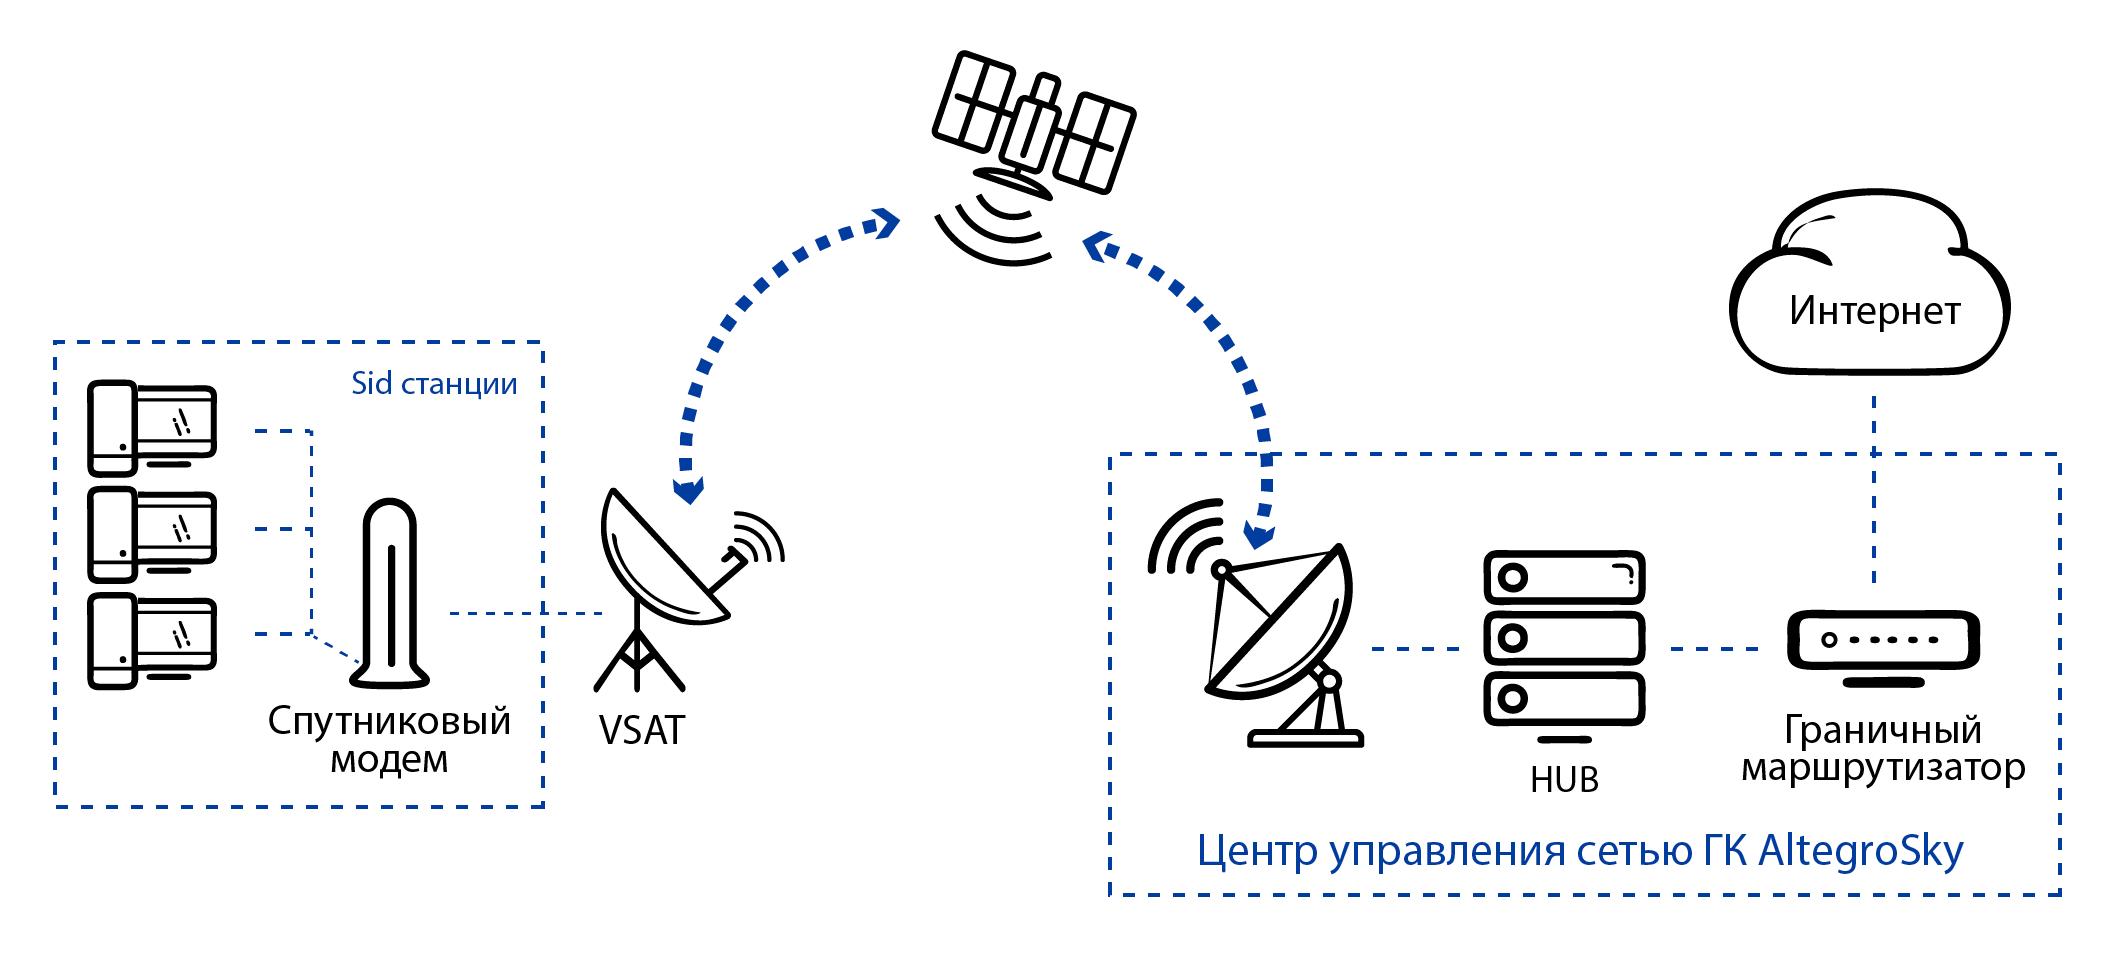 абонентская плата спутникового интернета